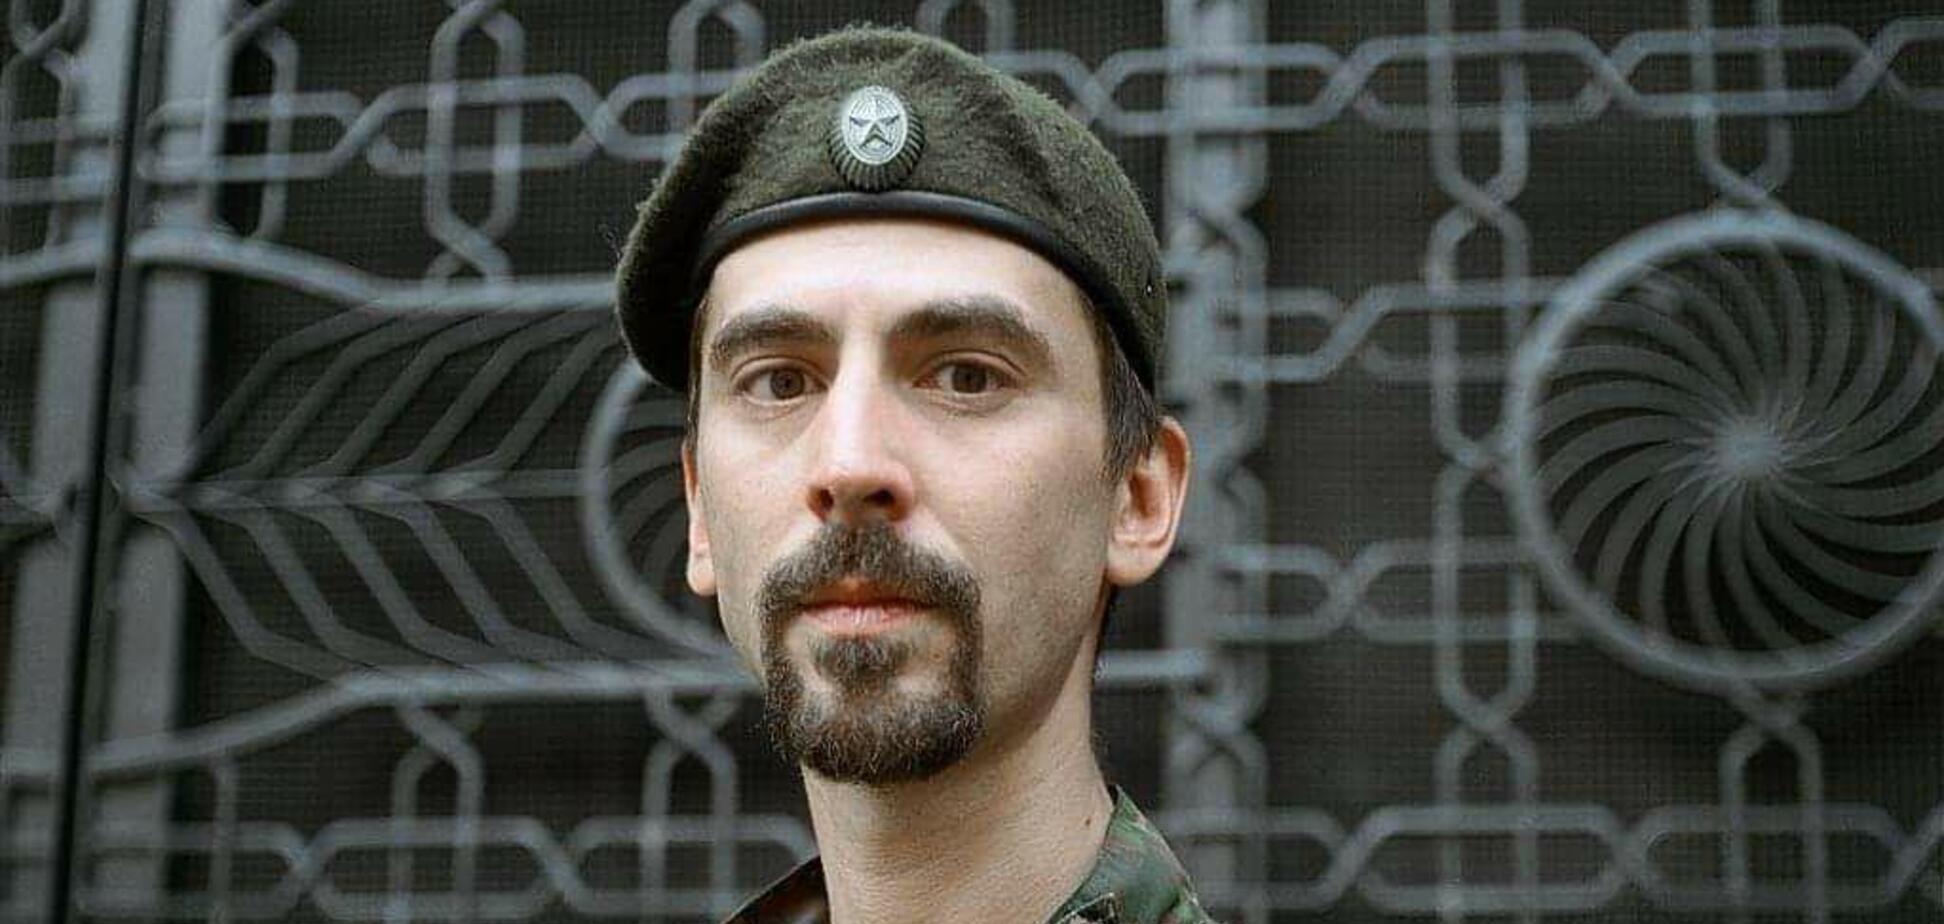 Наградили за смерть украинцев: факты о ликвидированном террористе 'ДНР'